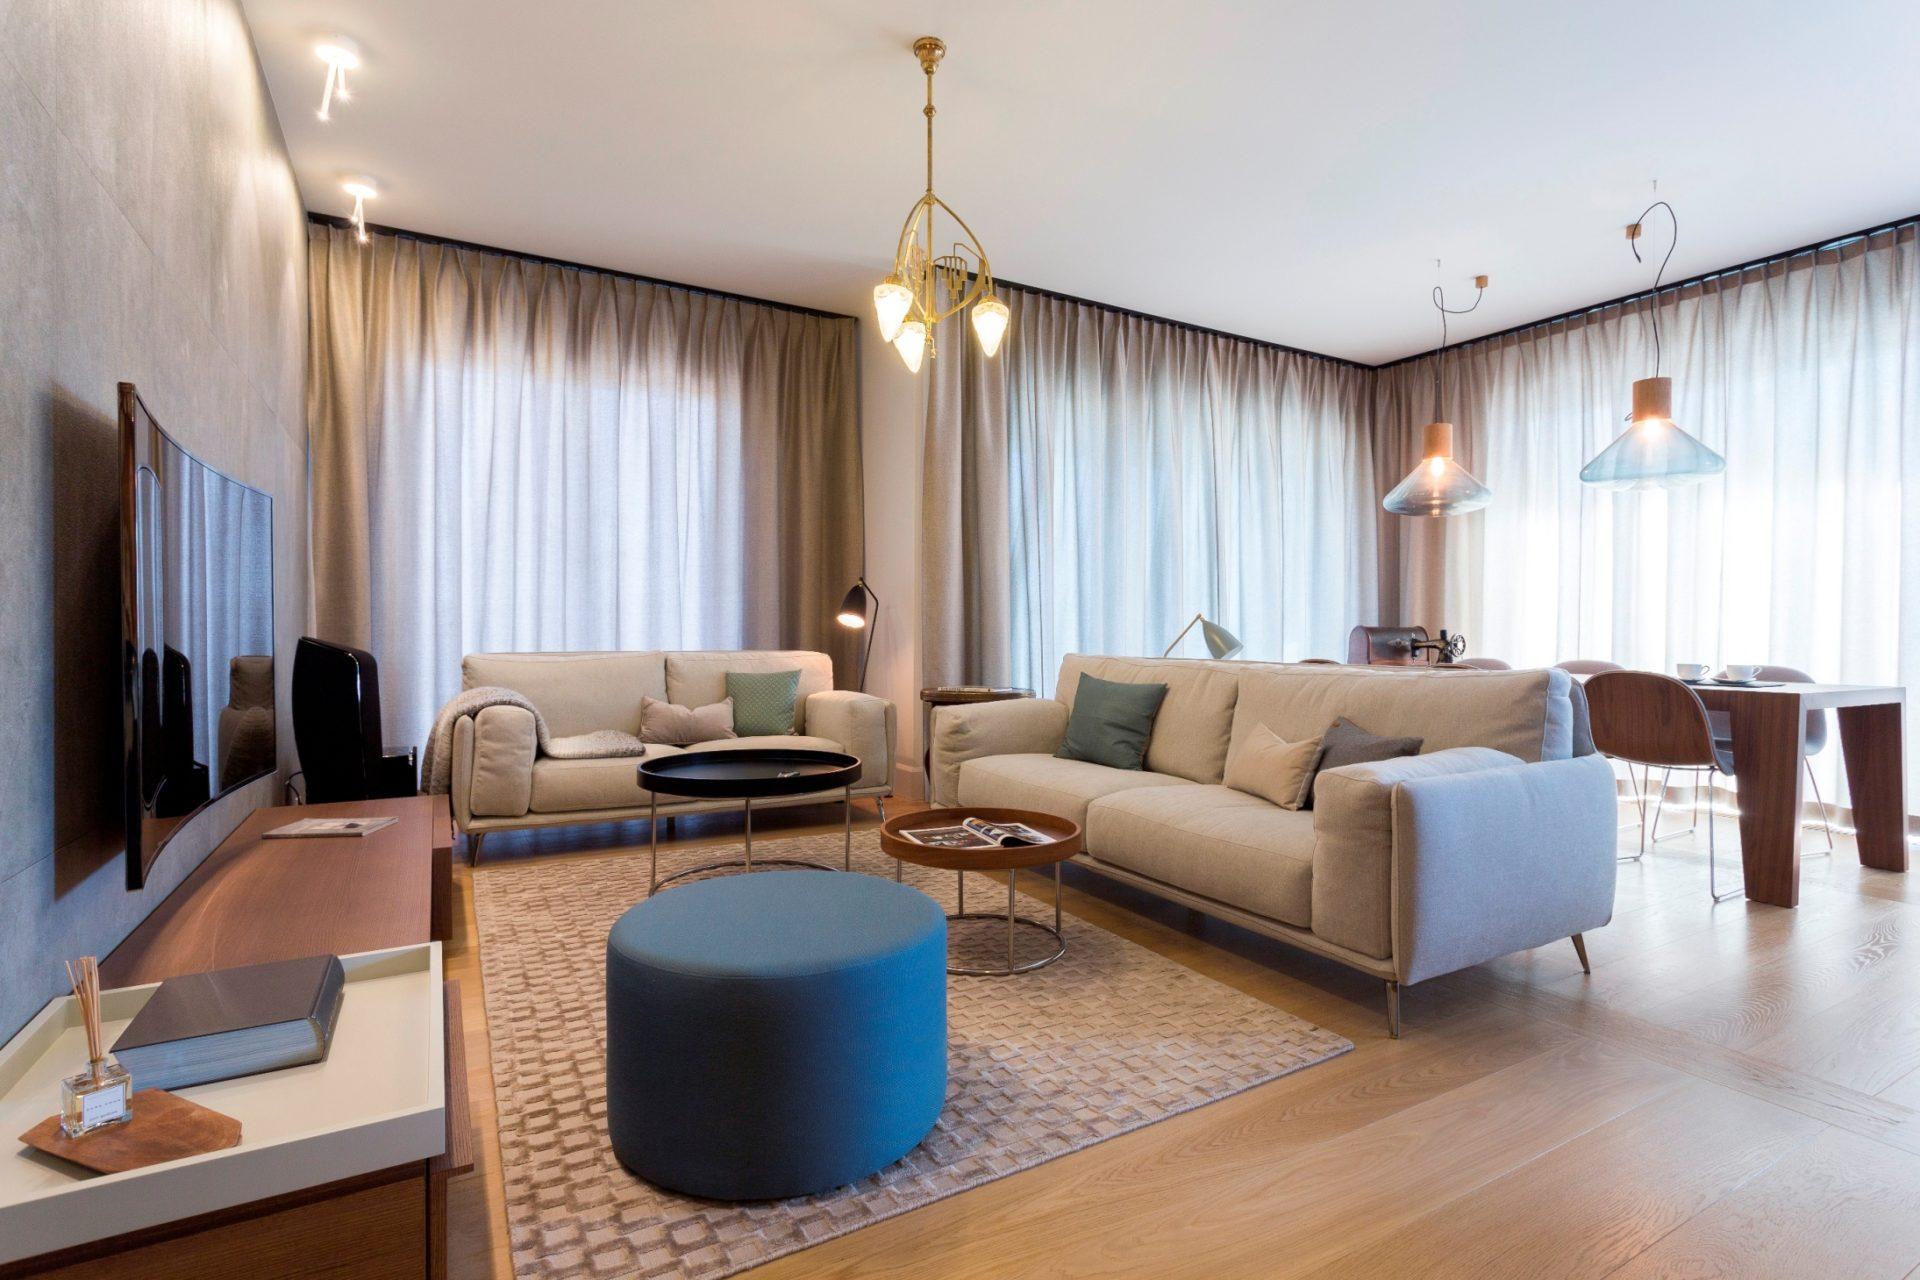 Apartament w Gdyni 2015 - 01